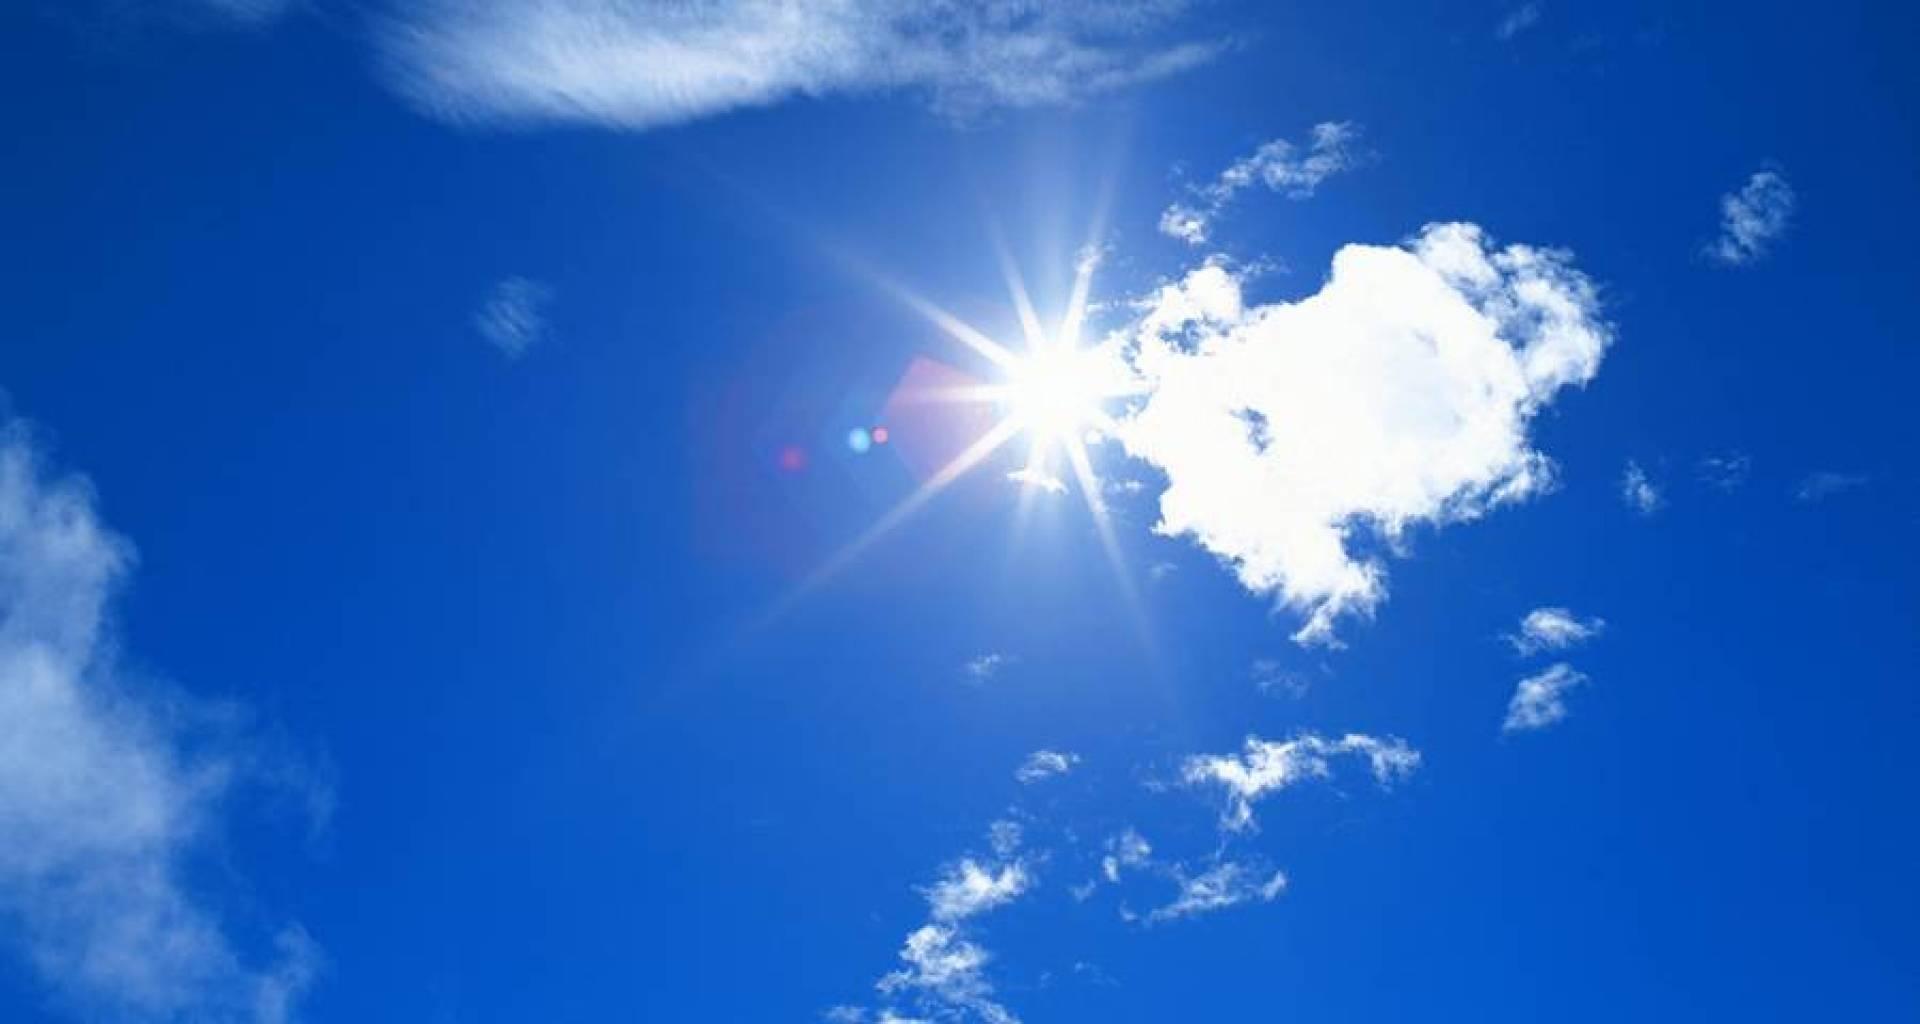 طقس اليوم الإثنين مستقر وسماء قليلة السحب